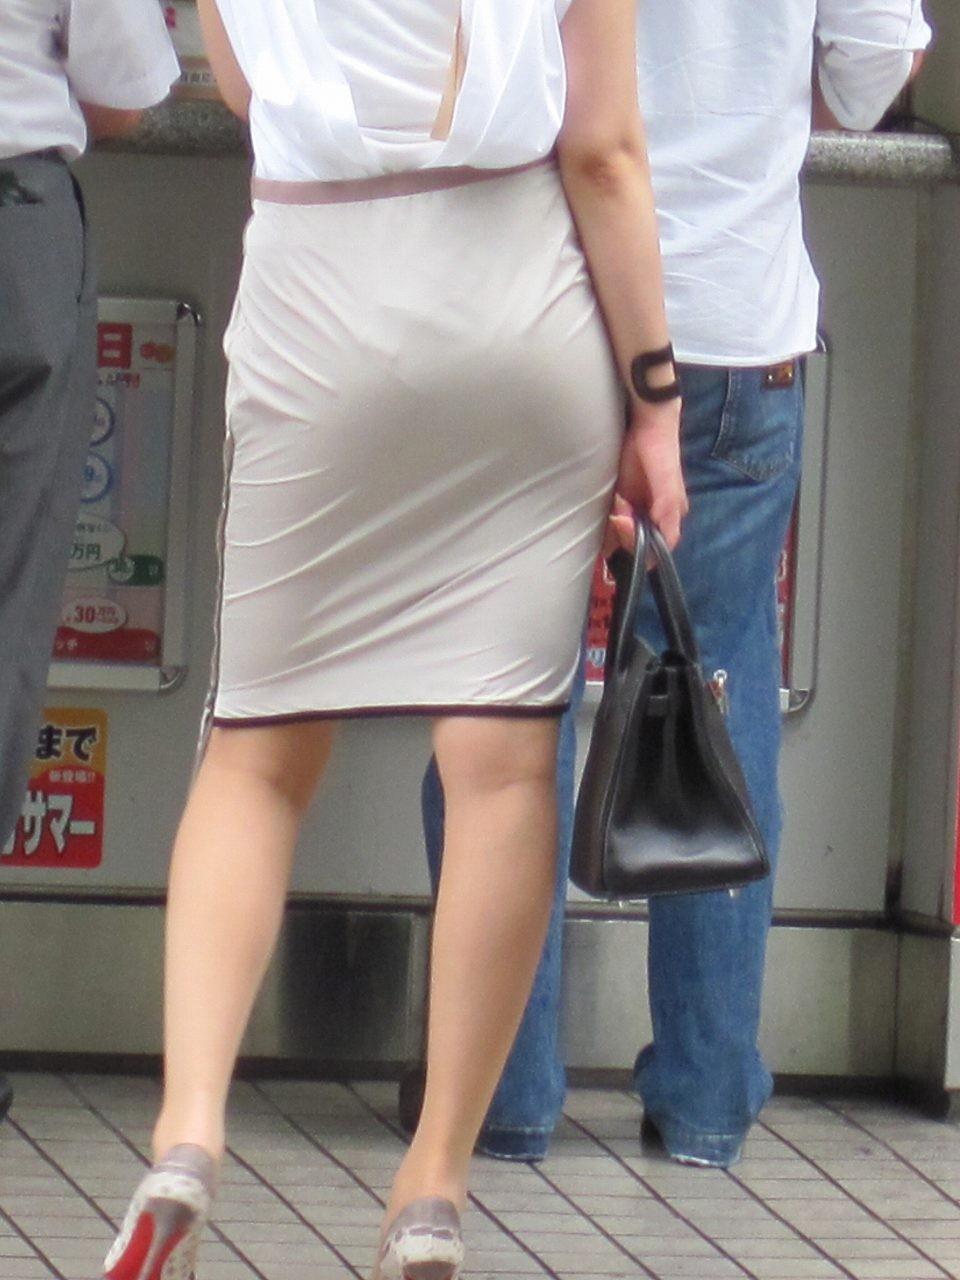 【着尻エロ画像】たまにキツそうに履く人もw巨尻を際立たせる大人のタイトwww 24